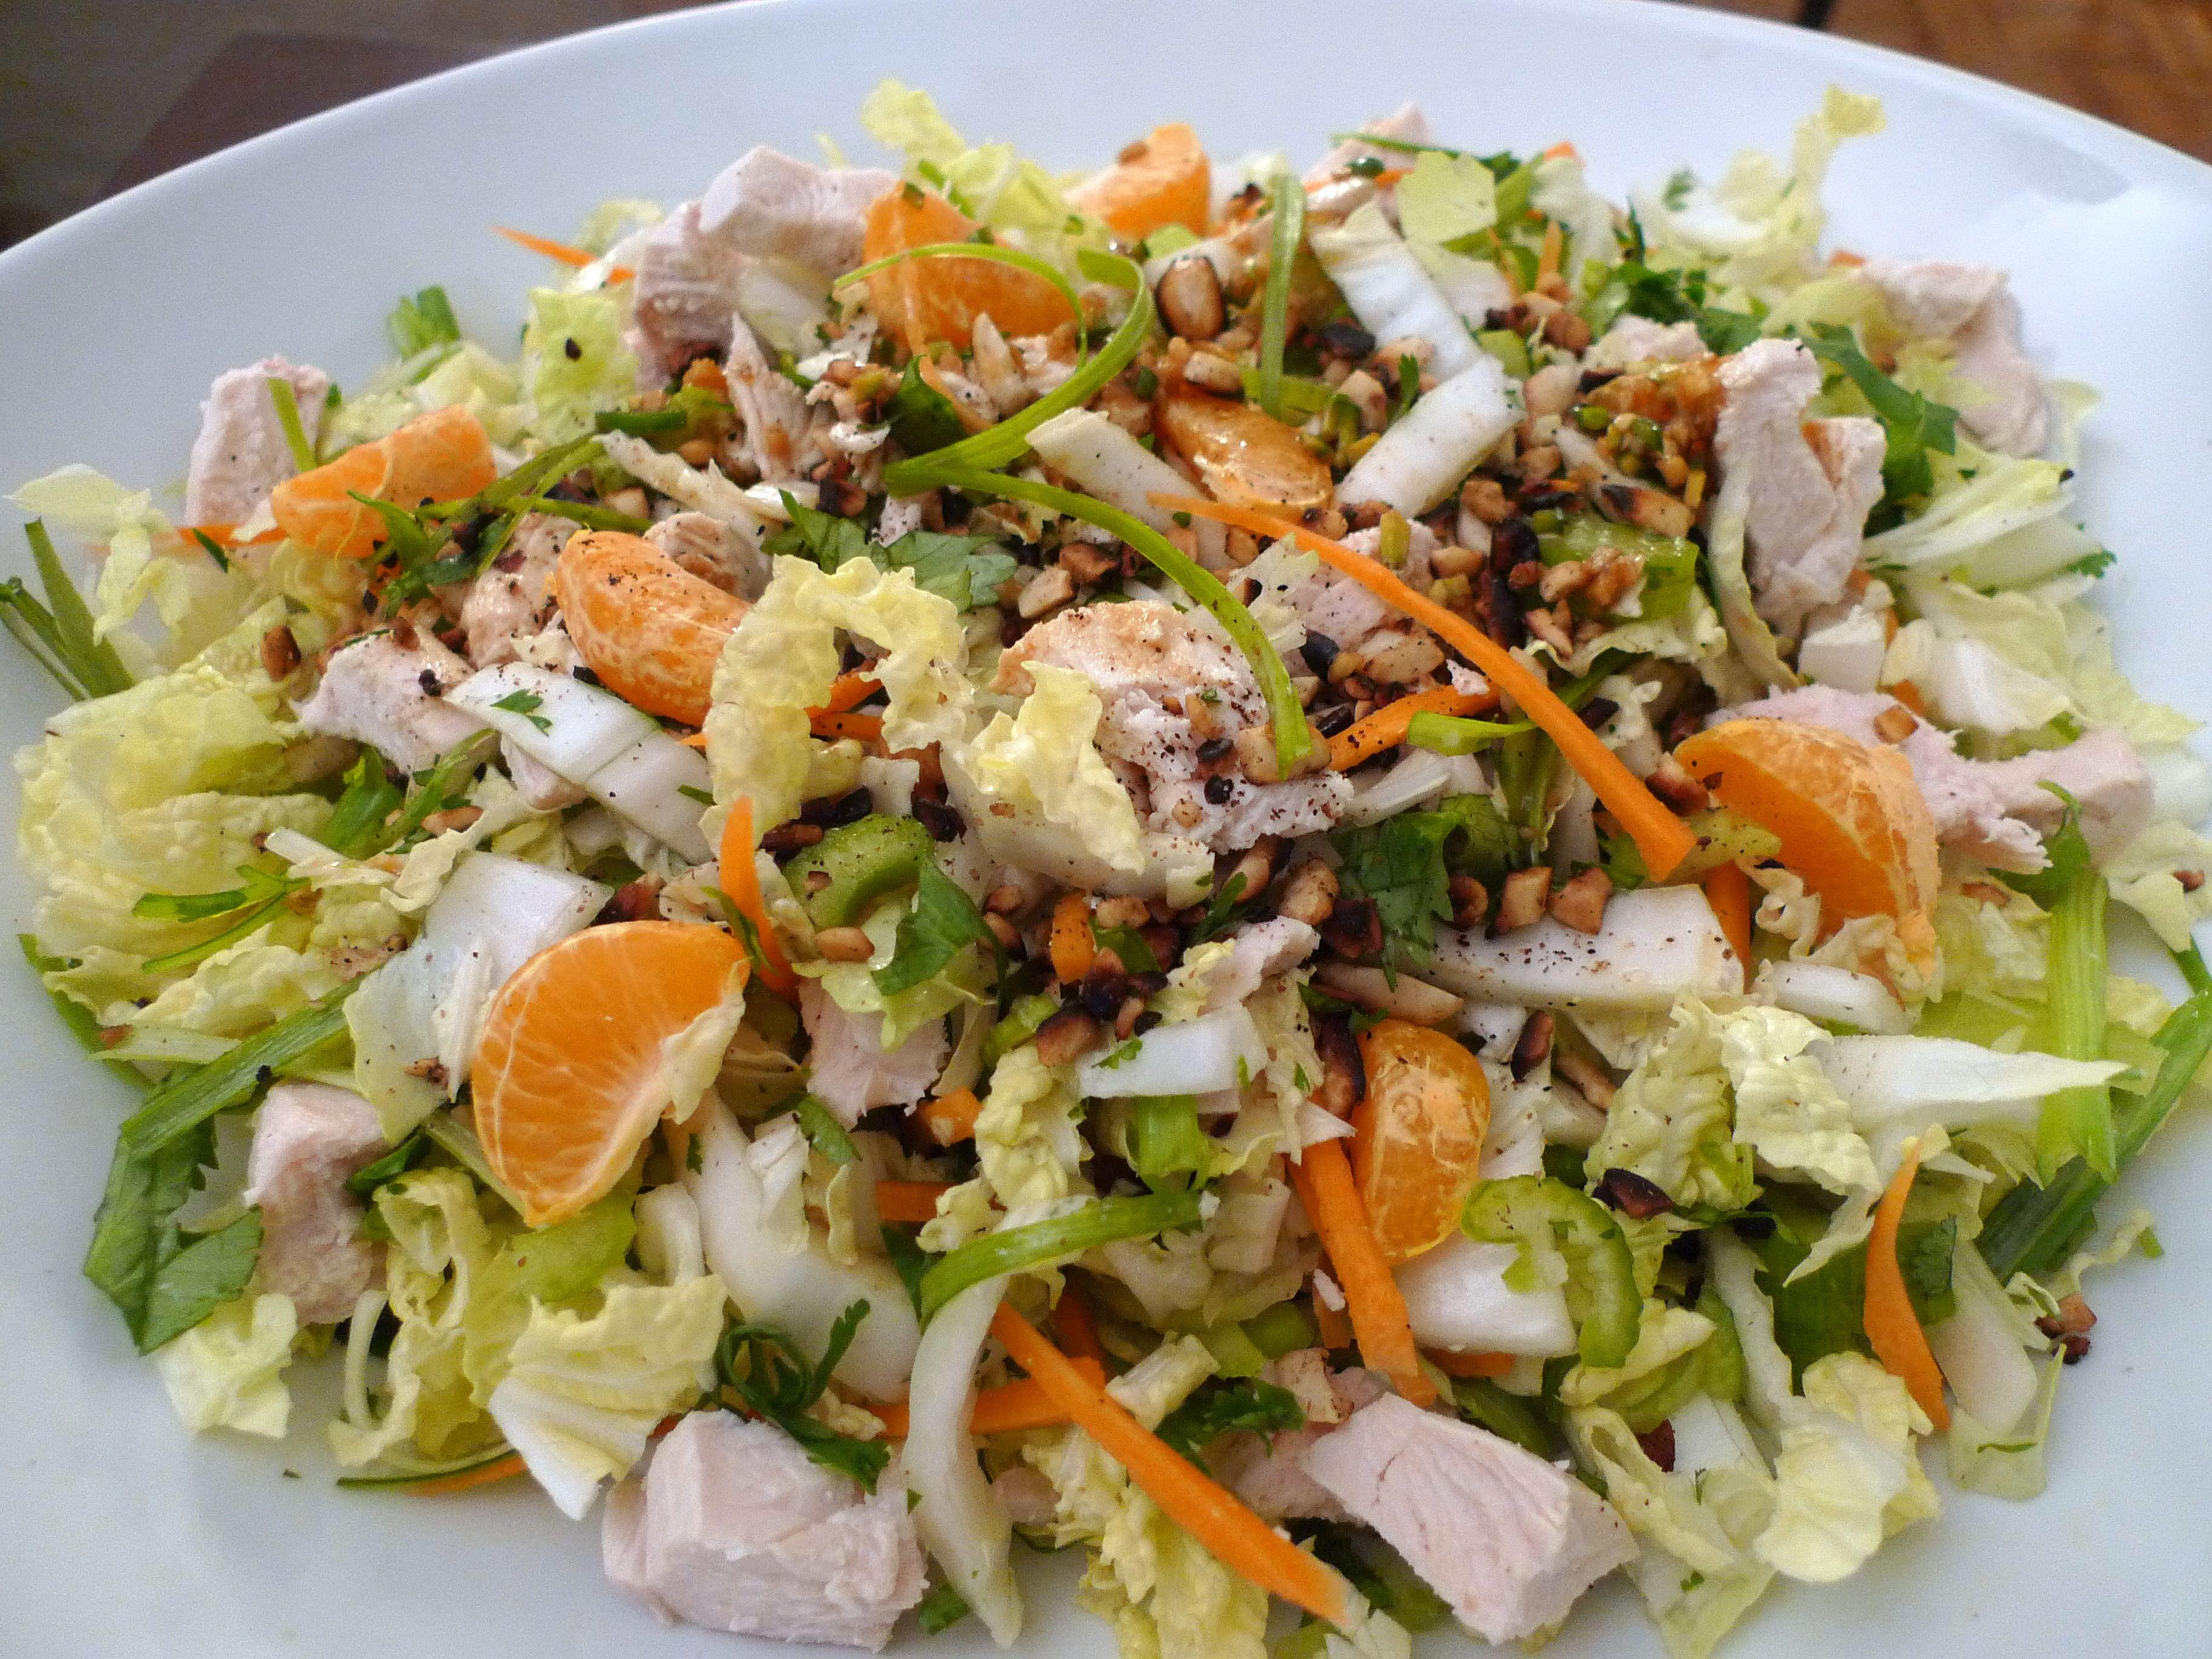 приготовленный салат без майонеза пекинская капуста с фото найти для